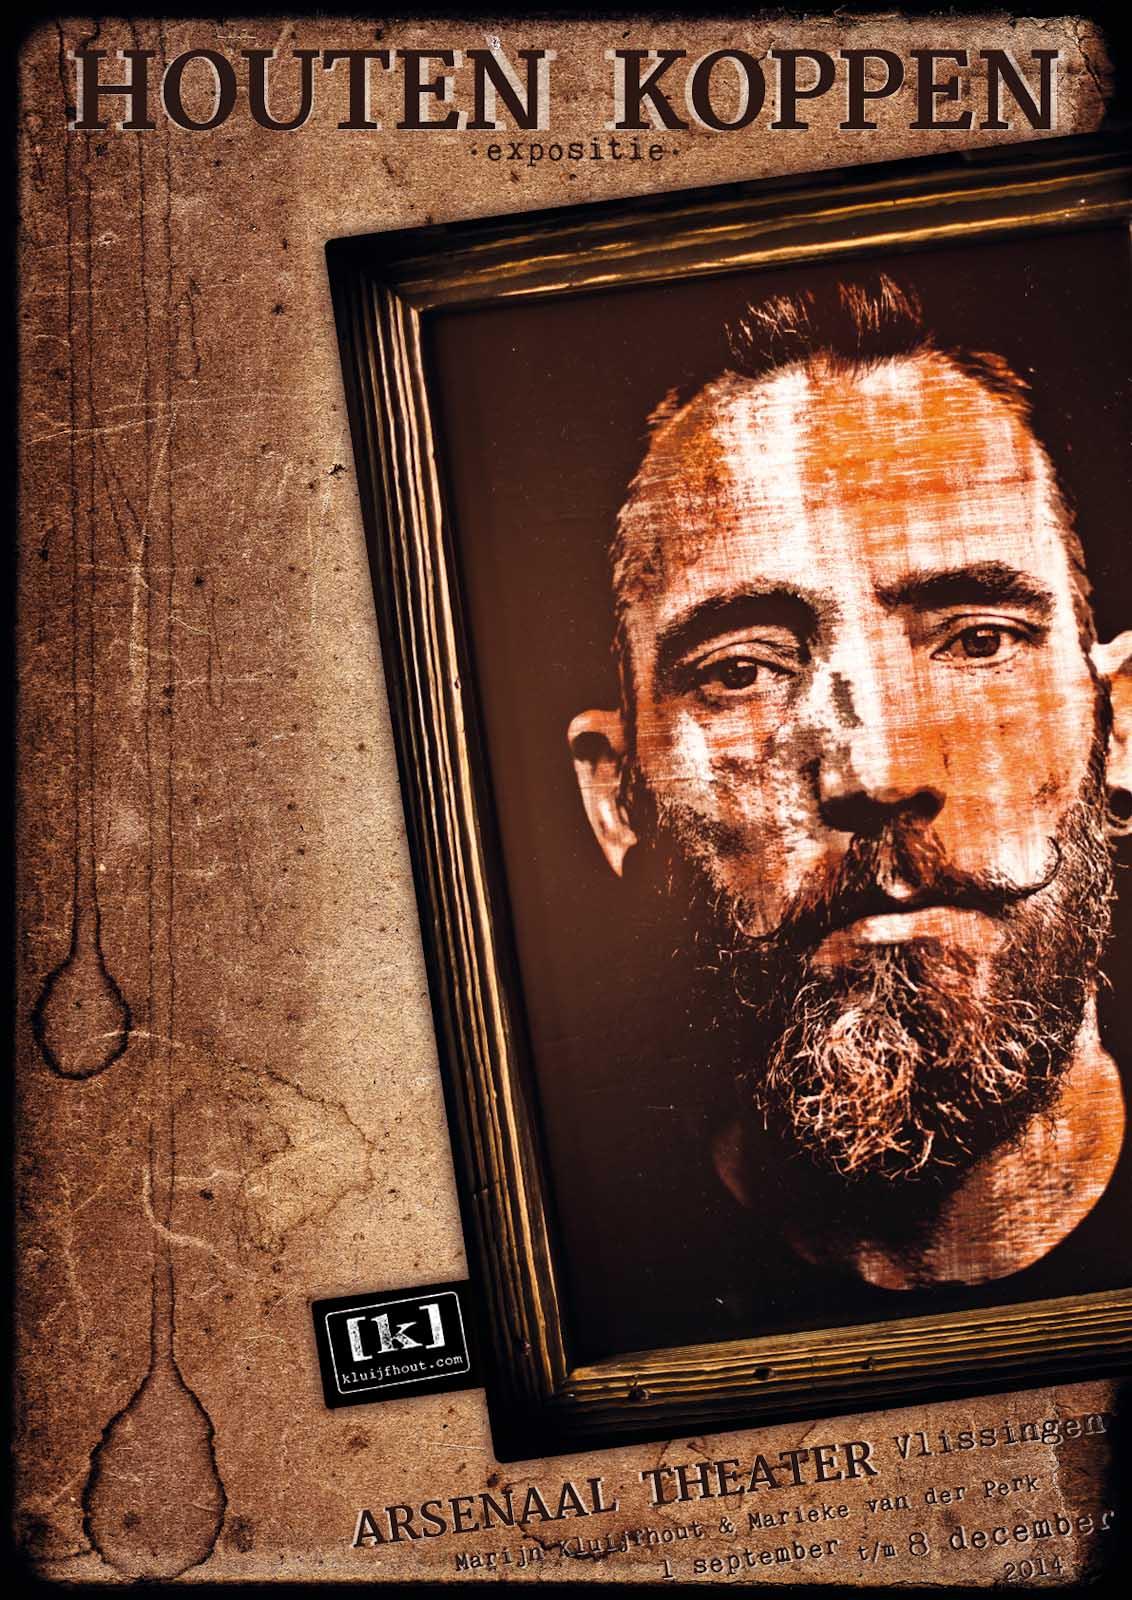 poster_HOUTENKOPPEN_web-